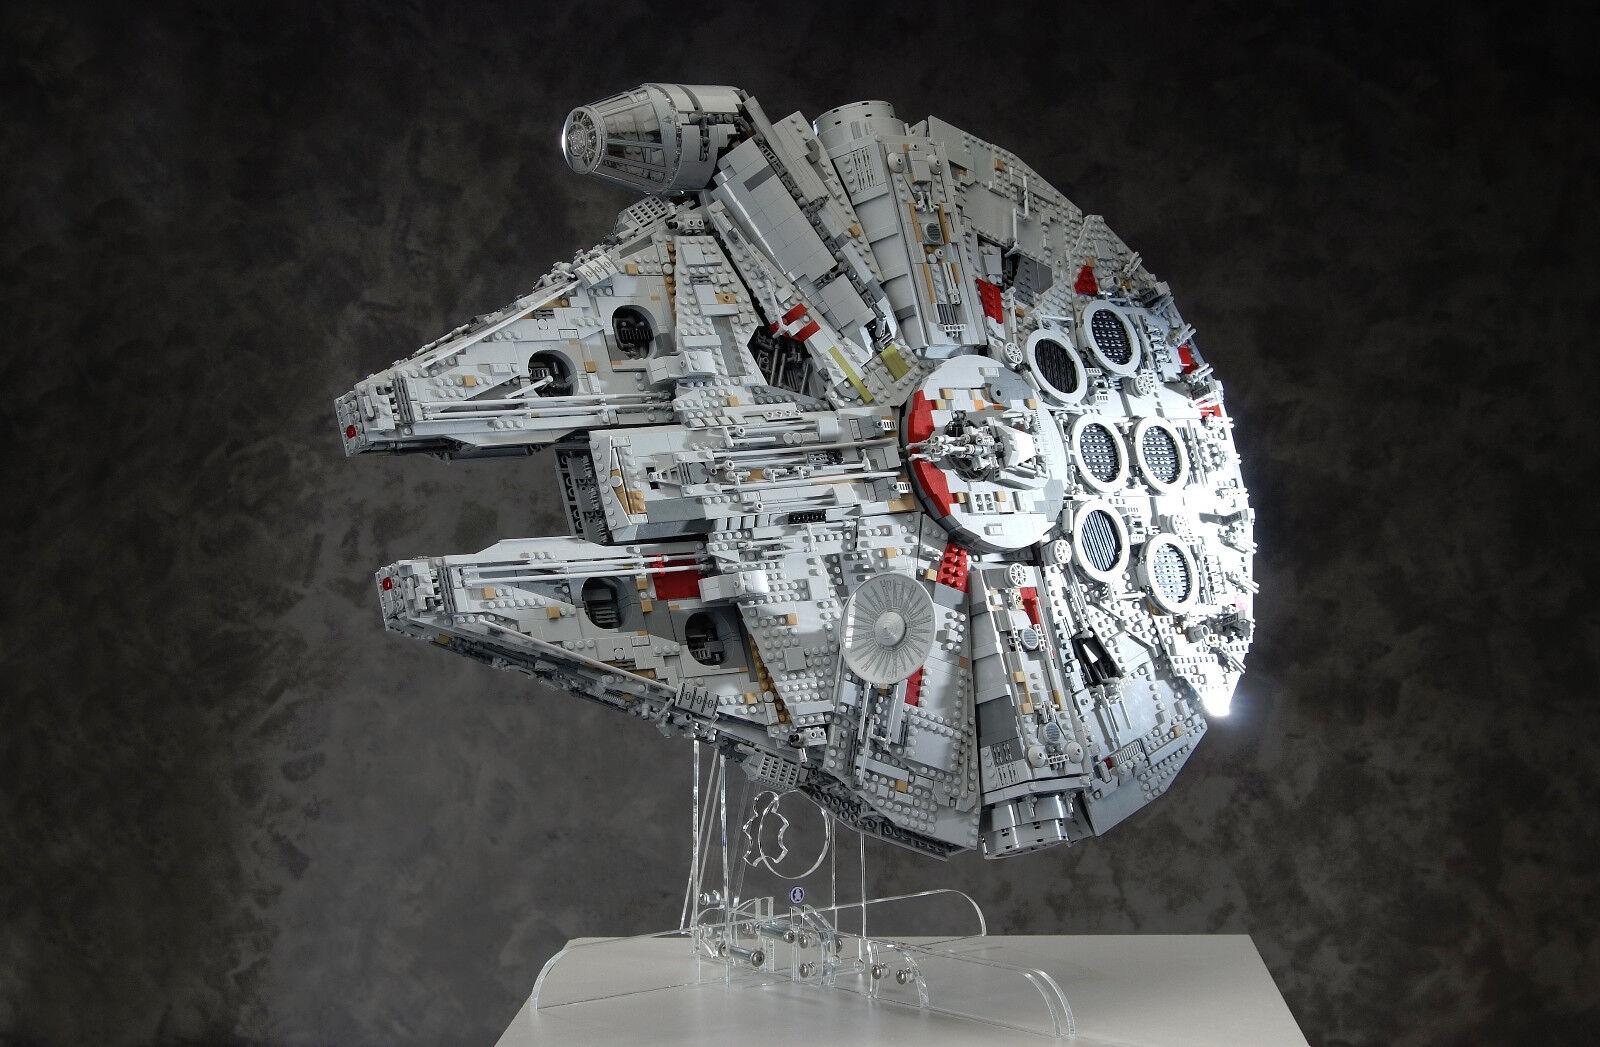 CAVtuttiETTO figufram per tuo LEGO ® MILLENNIUM FALCON estrella guerras  Set 75192  economico e alla moda